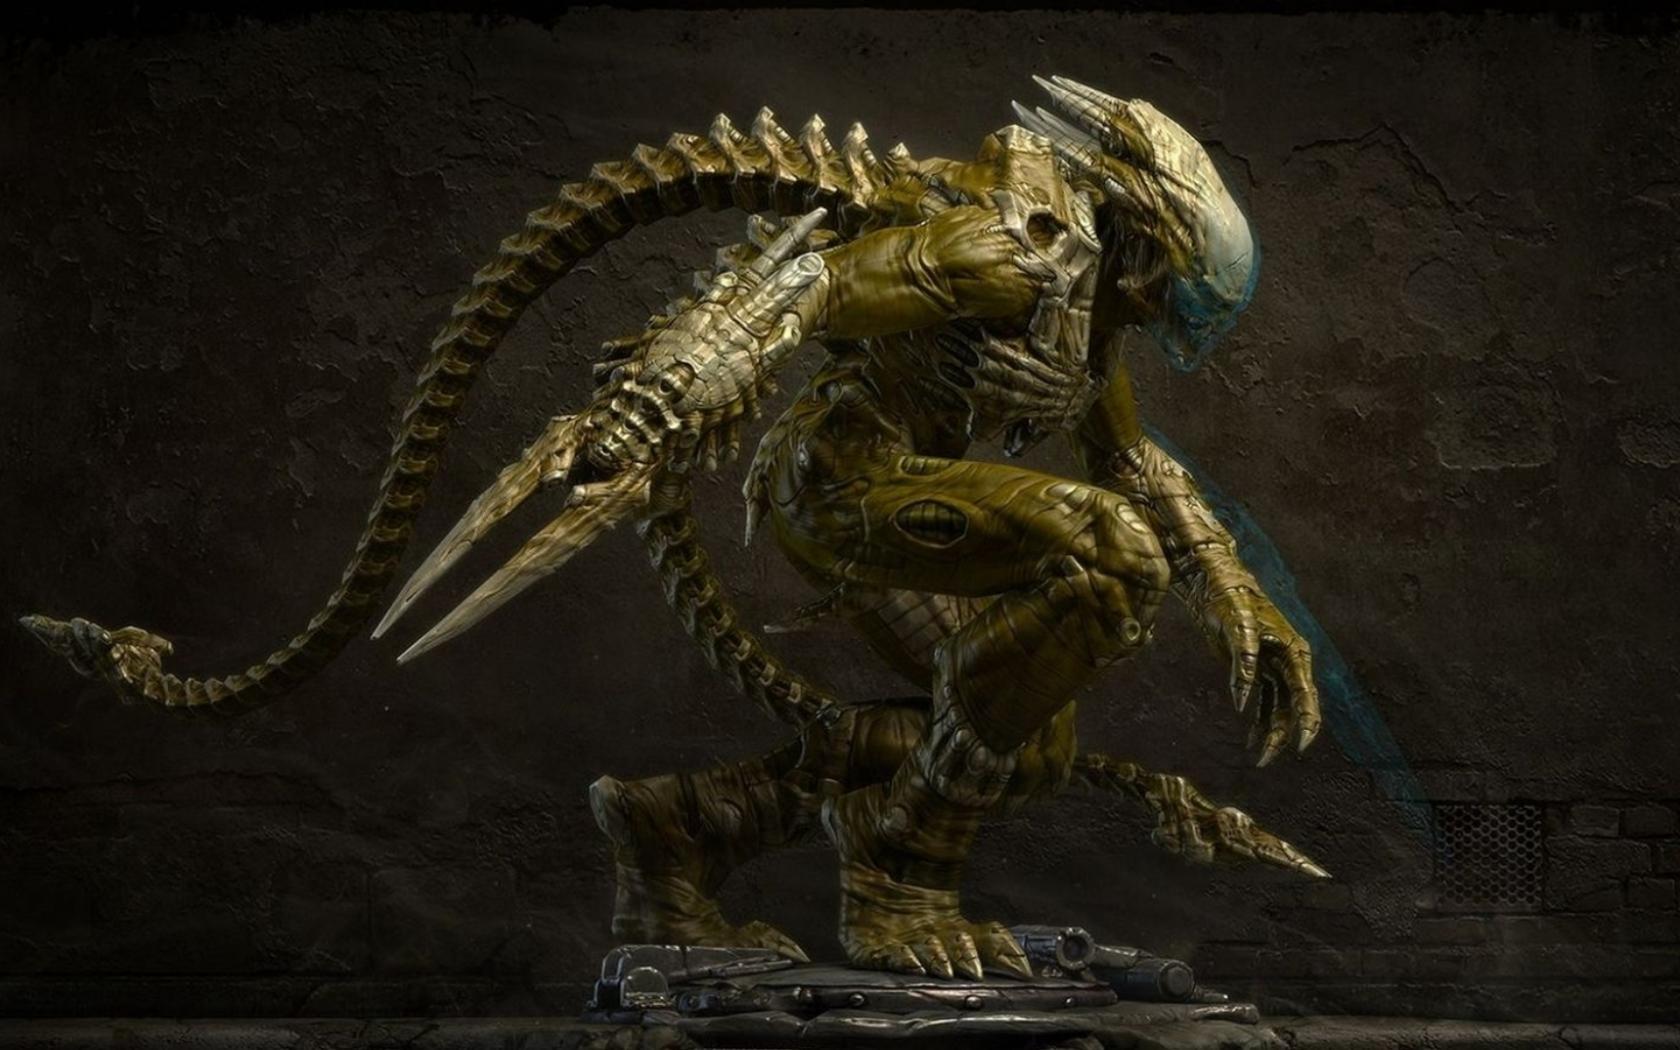 Aliens vs. Predator / чужой против хищника скачать торрентом.